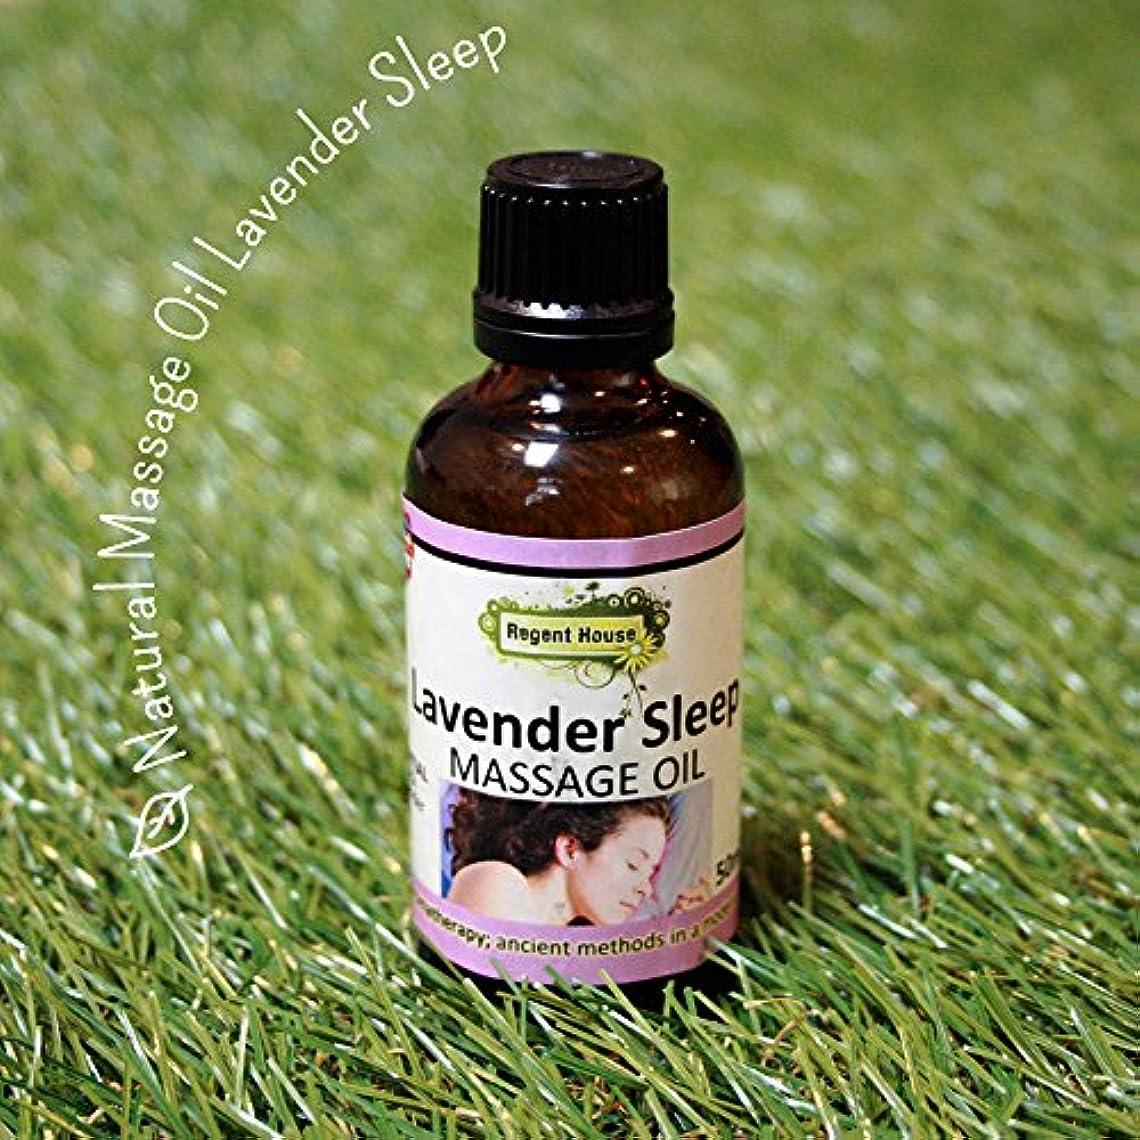 ギャングみすぼらしい役割フランス産のオーガニックラベンダーのみの、贅沢オイル。 アロマ ナチュラル マッサージオイル 50ml ラベンダースリープ(Aroma Massage Oil Lavender Sleep)